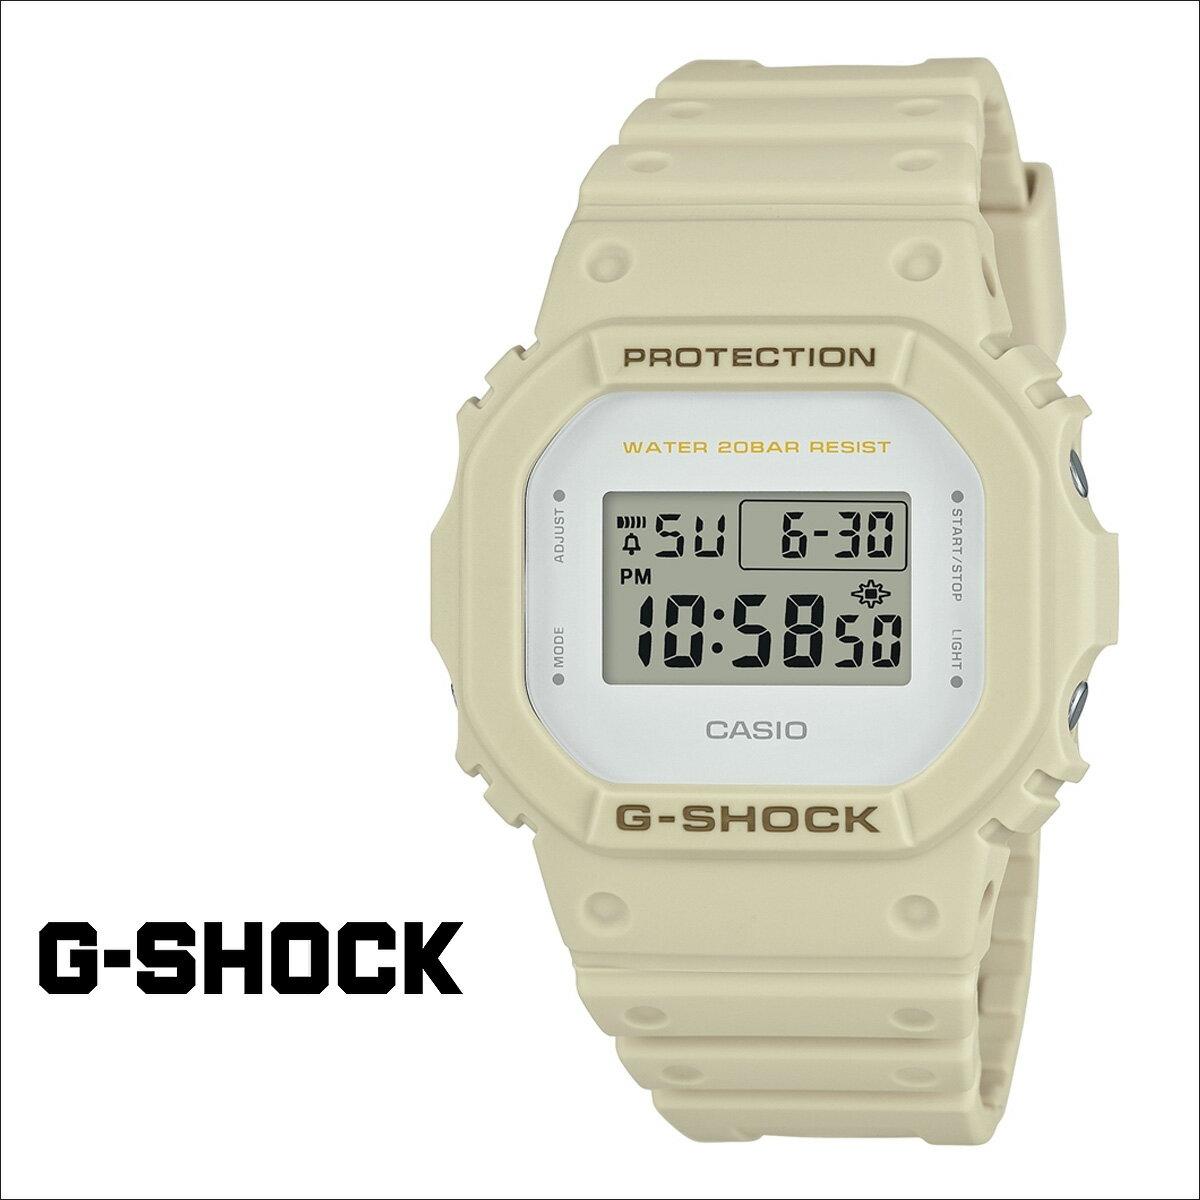 カシオ CASIO G-SHOCK 腕時計  DW-5600EW-7JF  ジーショック Gショック G-ショック  メンズ  CASIO正規代理店  初回交換 送料無料  ジーショック 時計 メンズ g-shock mini レディース Gショック 腕時計 正規  通販腕時計 カシオ 安い